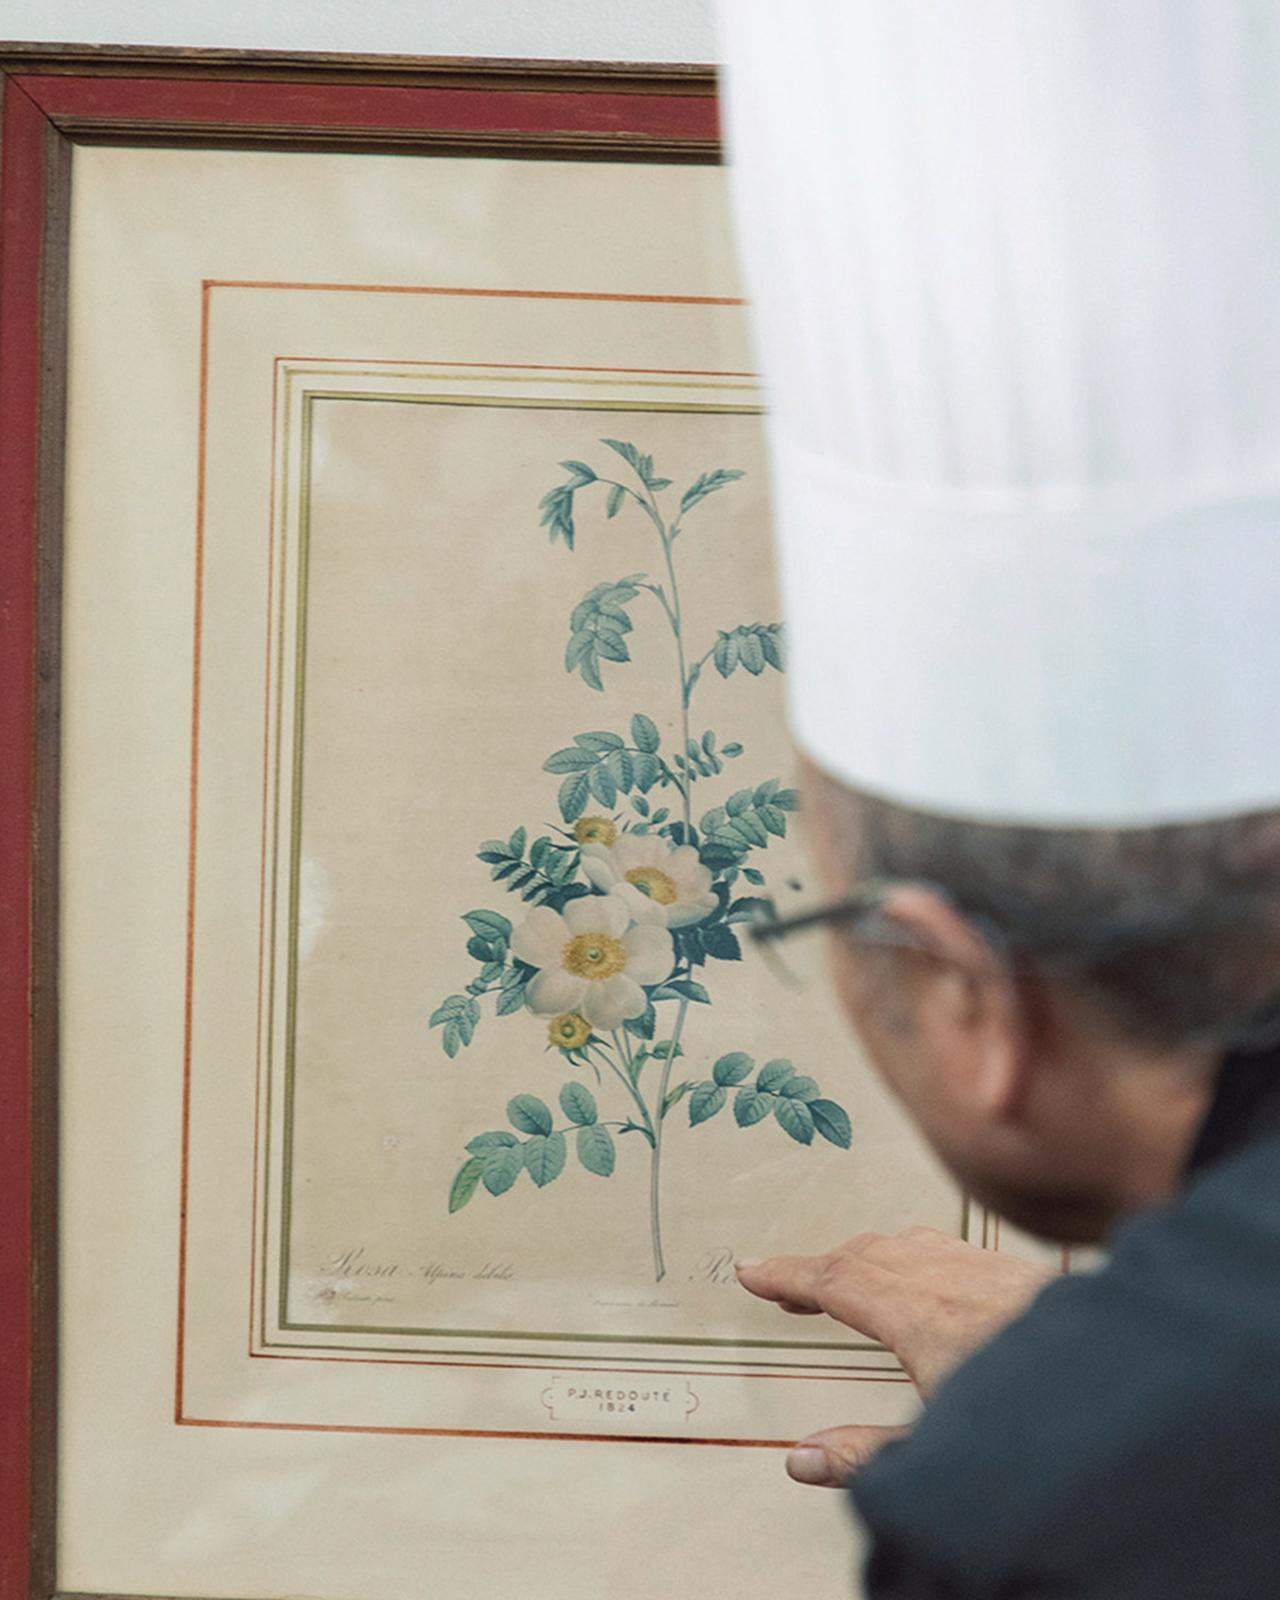 Images : 14番目の画像 - 「パーラー ローレルの 熟練職人が紡ぎだす 花のケーキの物語」のアルバム - T JAPAN:The New York Times Style Magazine 公式サイト